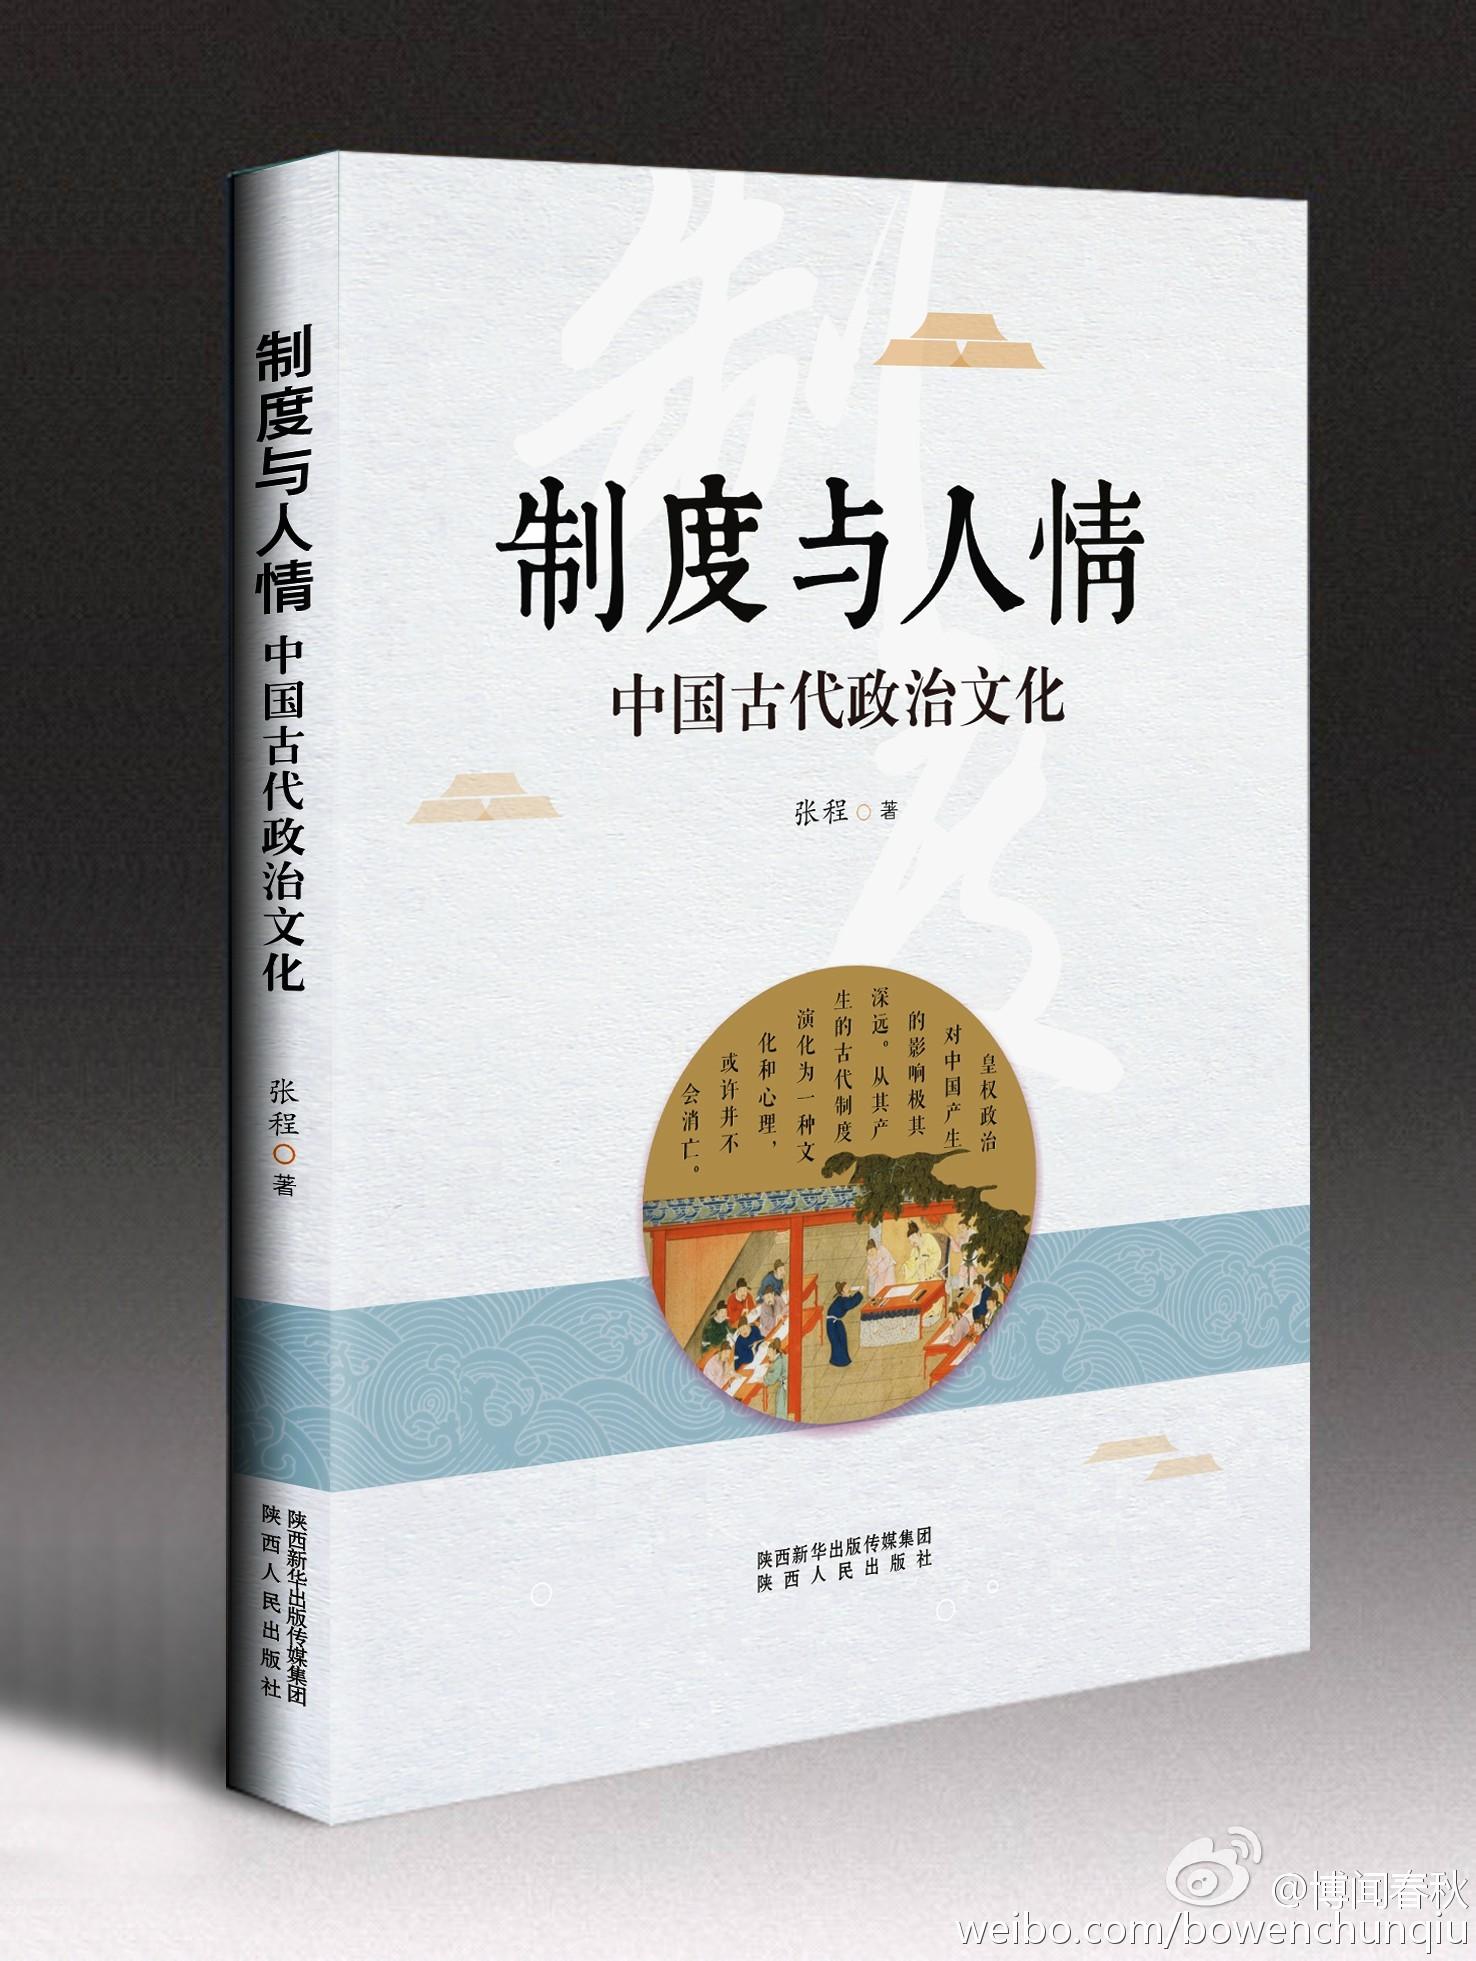 制度与人情:传统社会的政治智慧(转载)